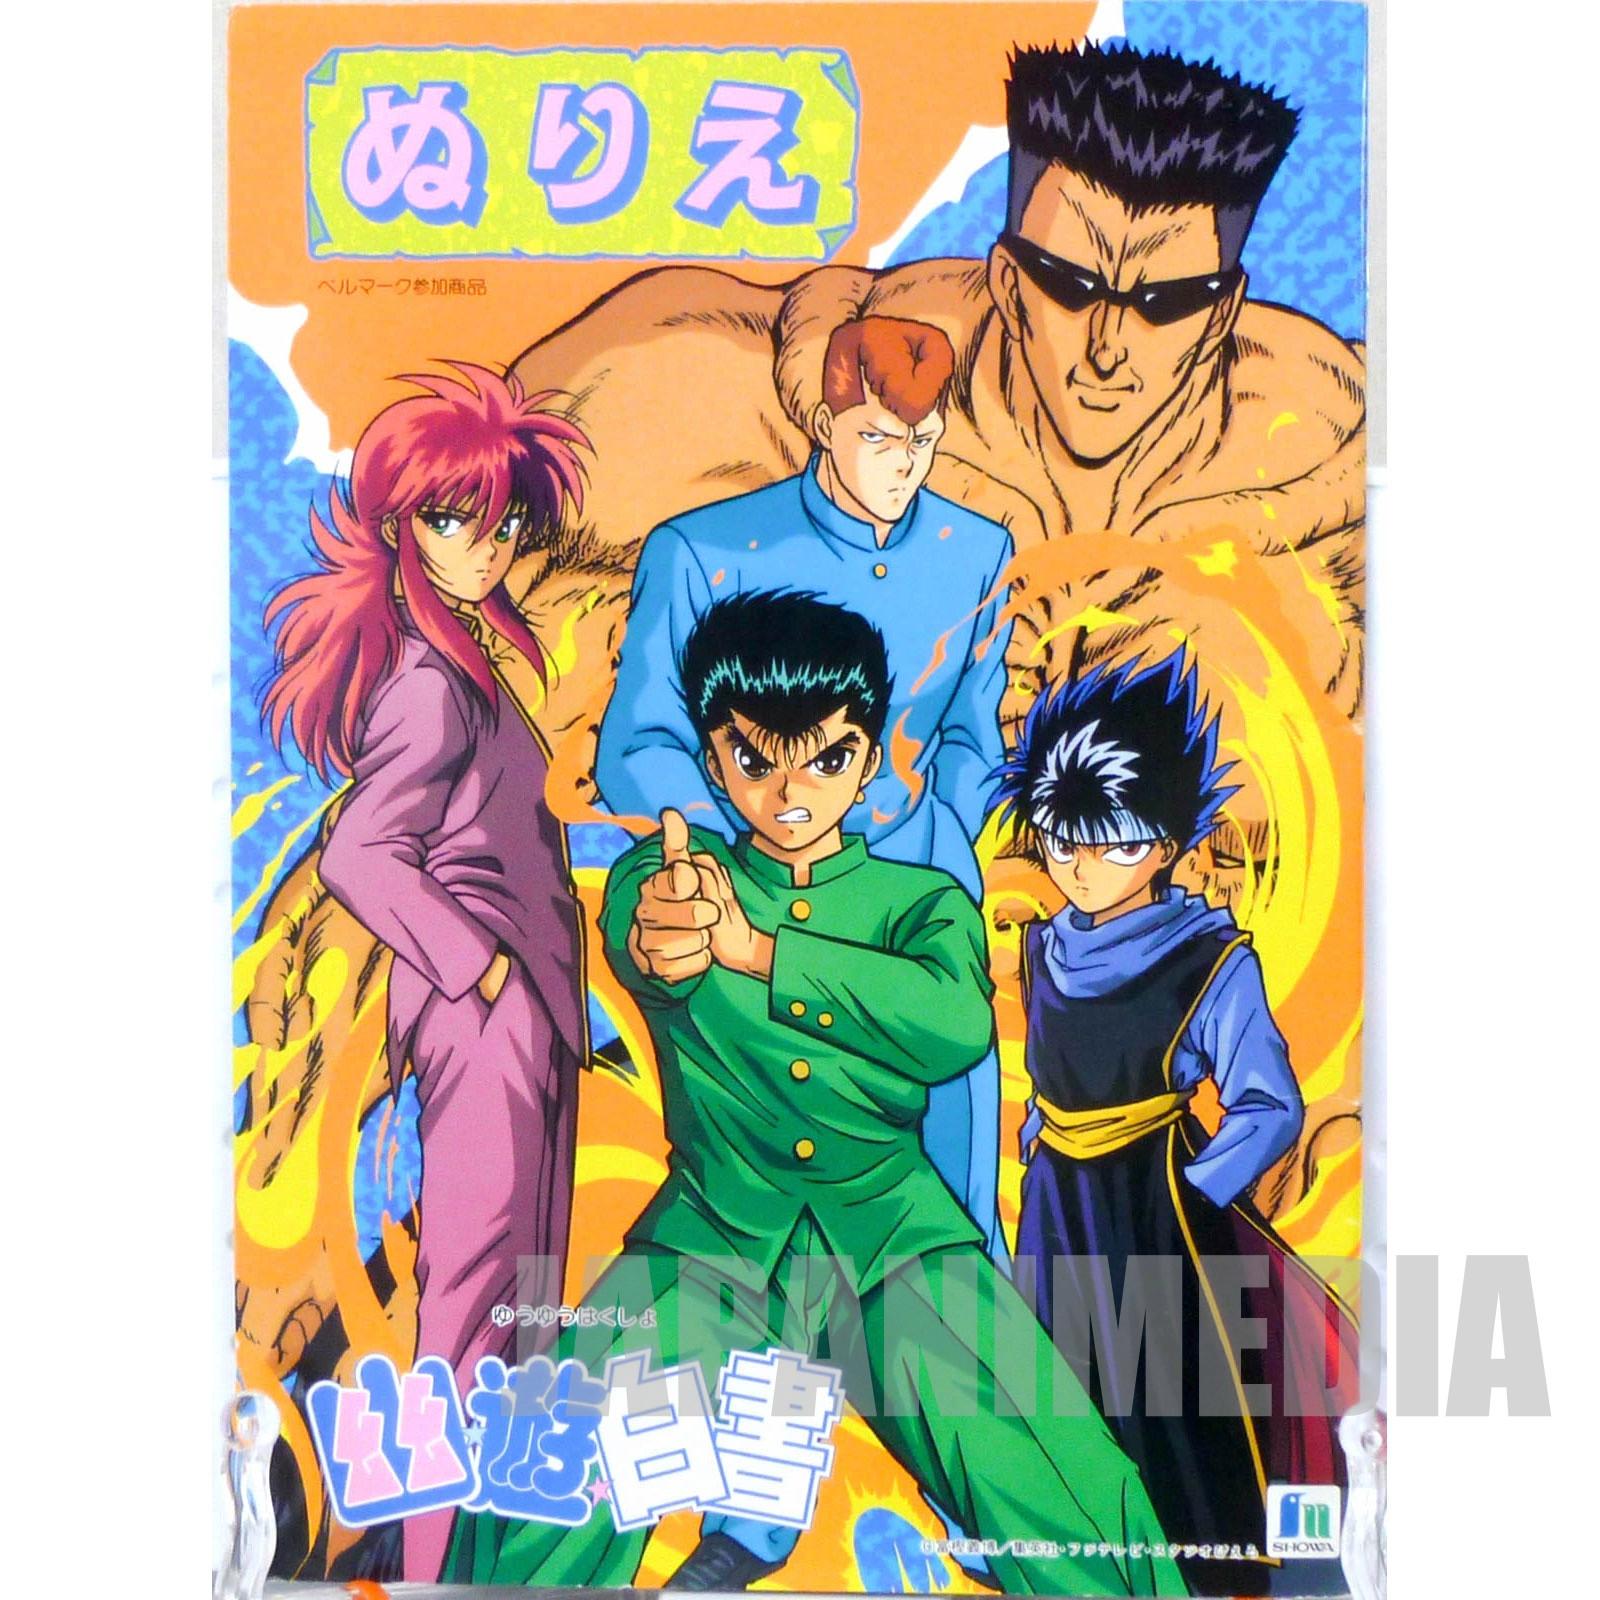 Yu Yu Hakusho Drawing for Coloring‐in Book [Yusuke | Kuwabara | Kurama | Hiei | Toguro] JAPAN ANIME MANGA